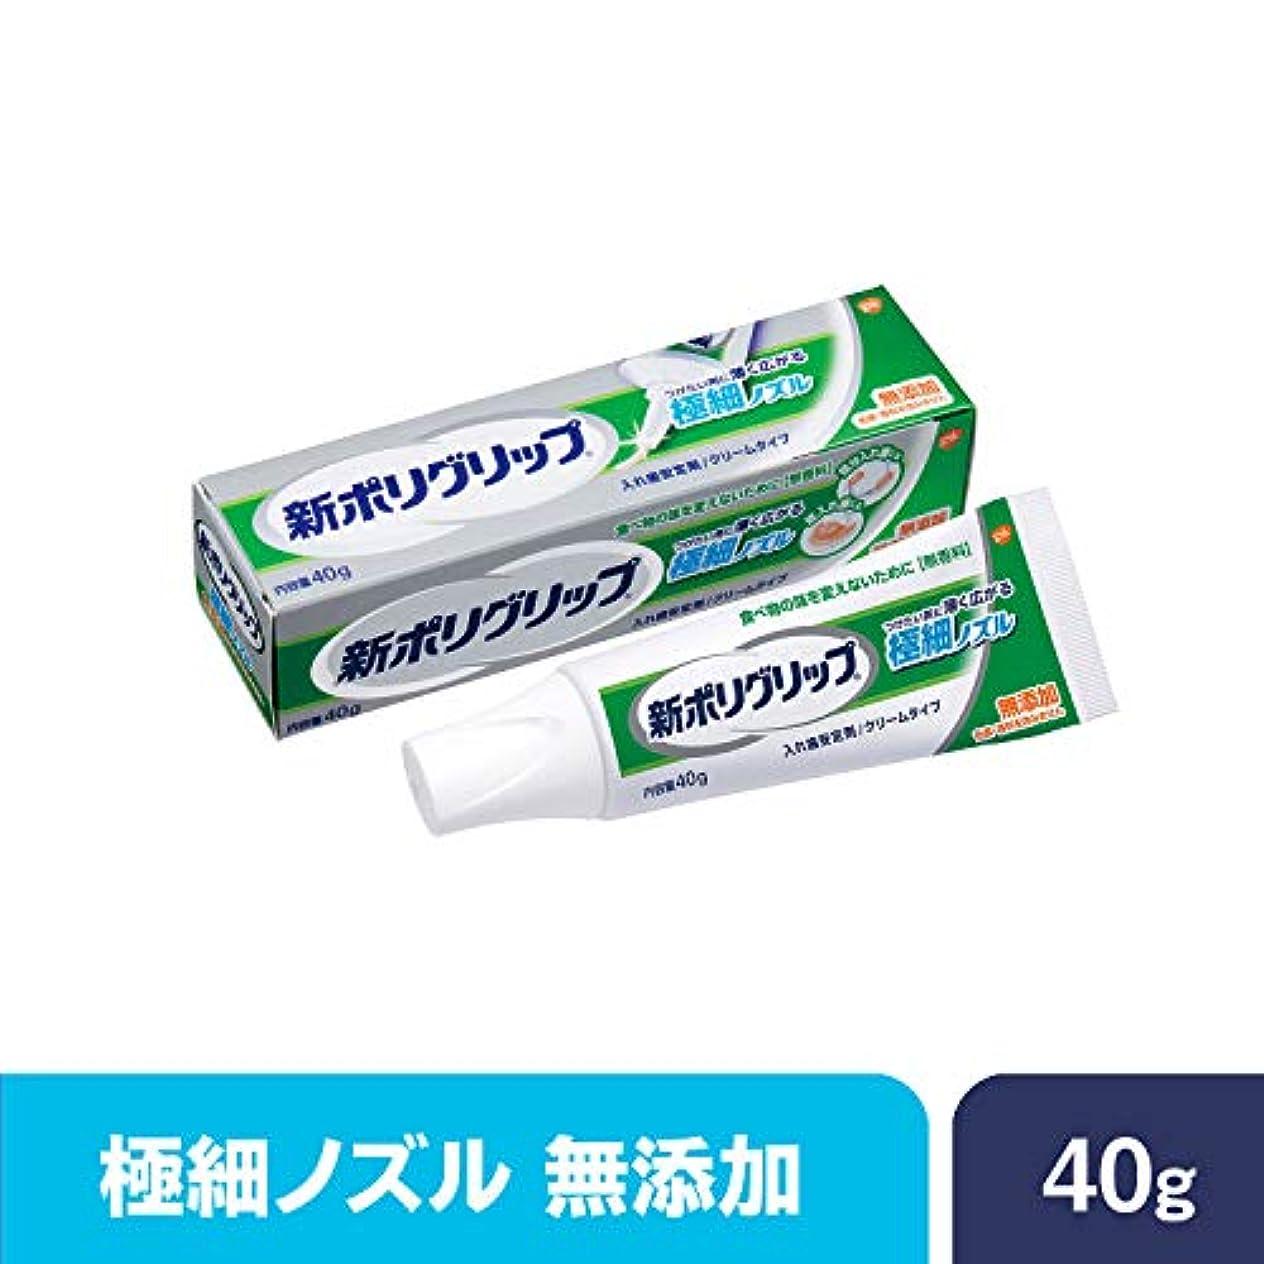 確かめるつかむワークショップ部分?総入れ歯安定剤 新ポリグリップ極細ノズル 無添加 40g